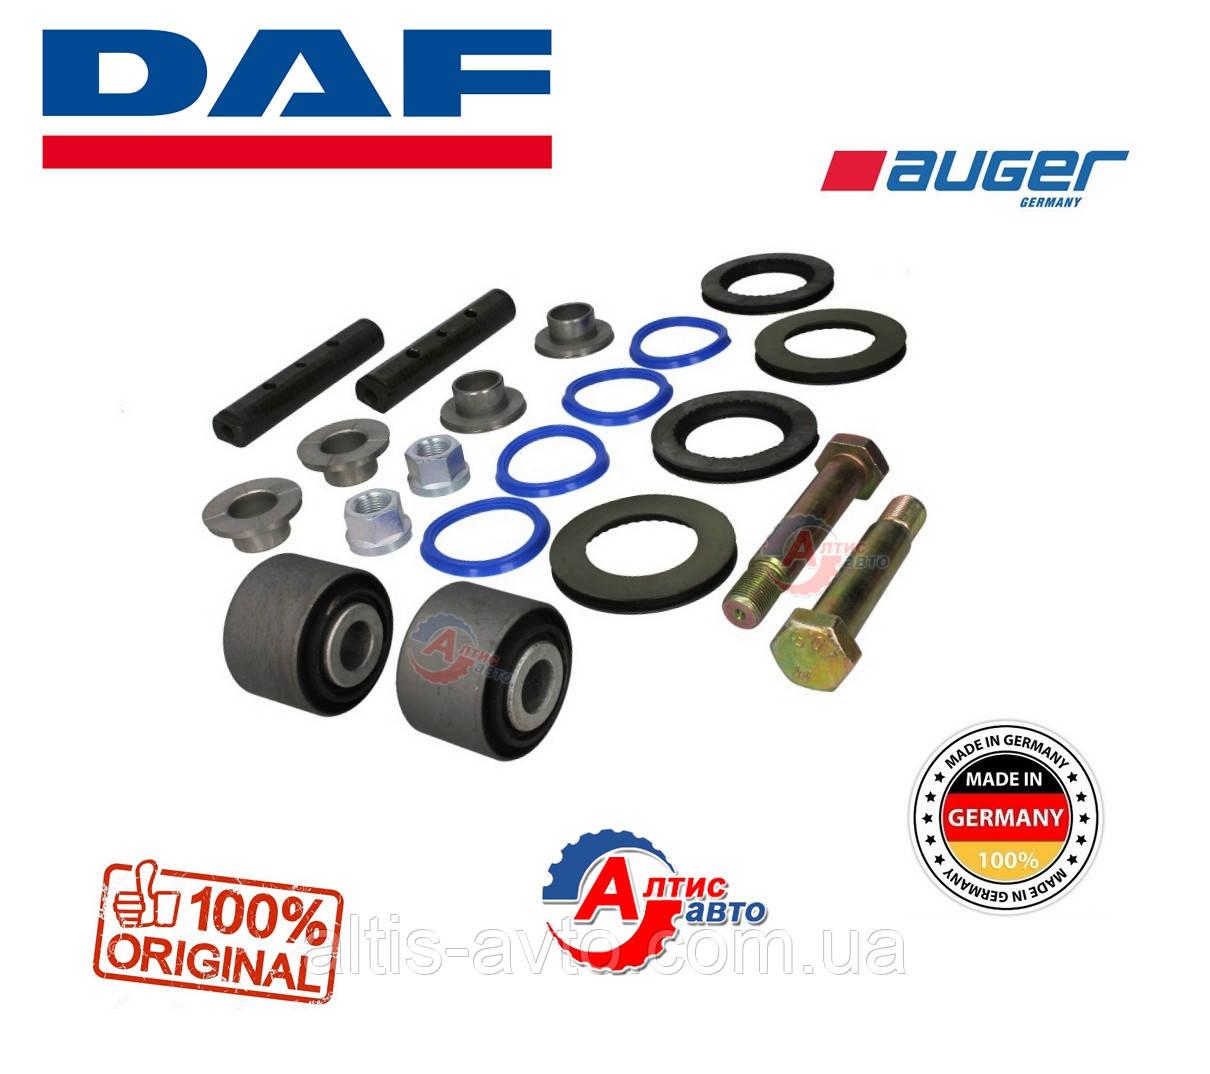 Ремкомплект кабины Даф 95 хф, 85 сф, 75 запчасти подвески DAF Евро 5-3-2-1 размеры 20x60x48